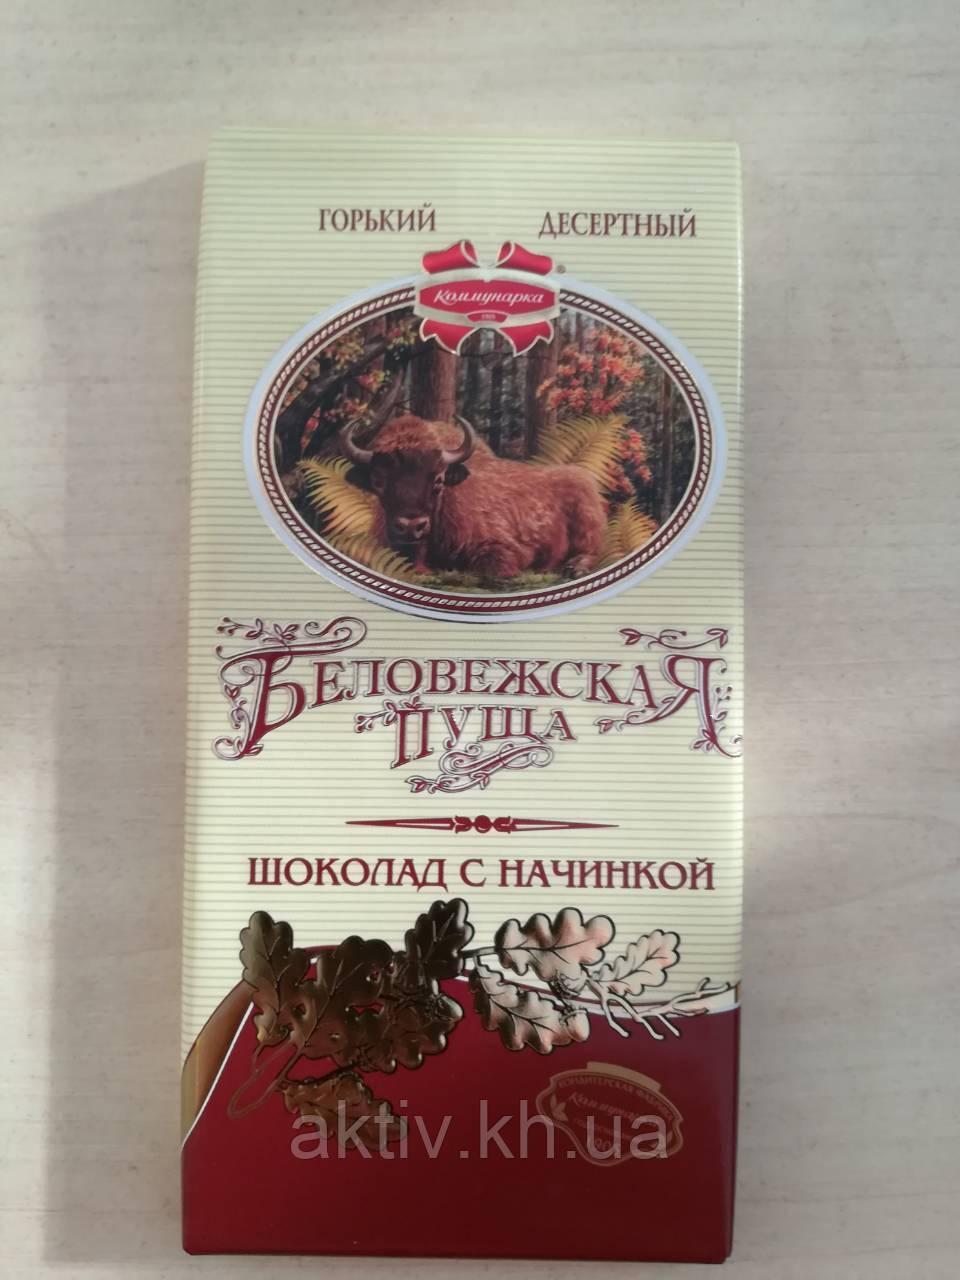 Шоколад Беловежская пуща 100 гр